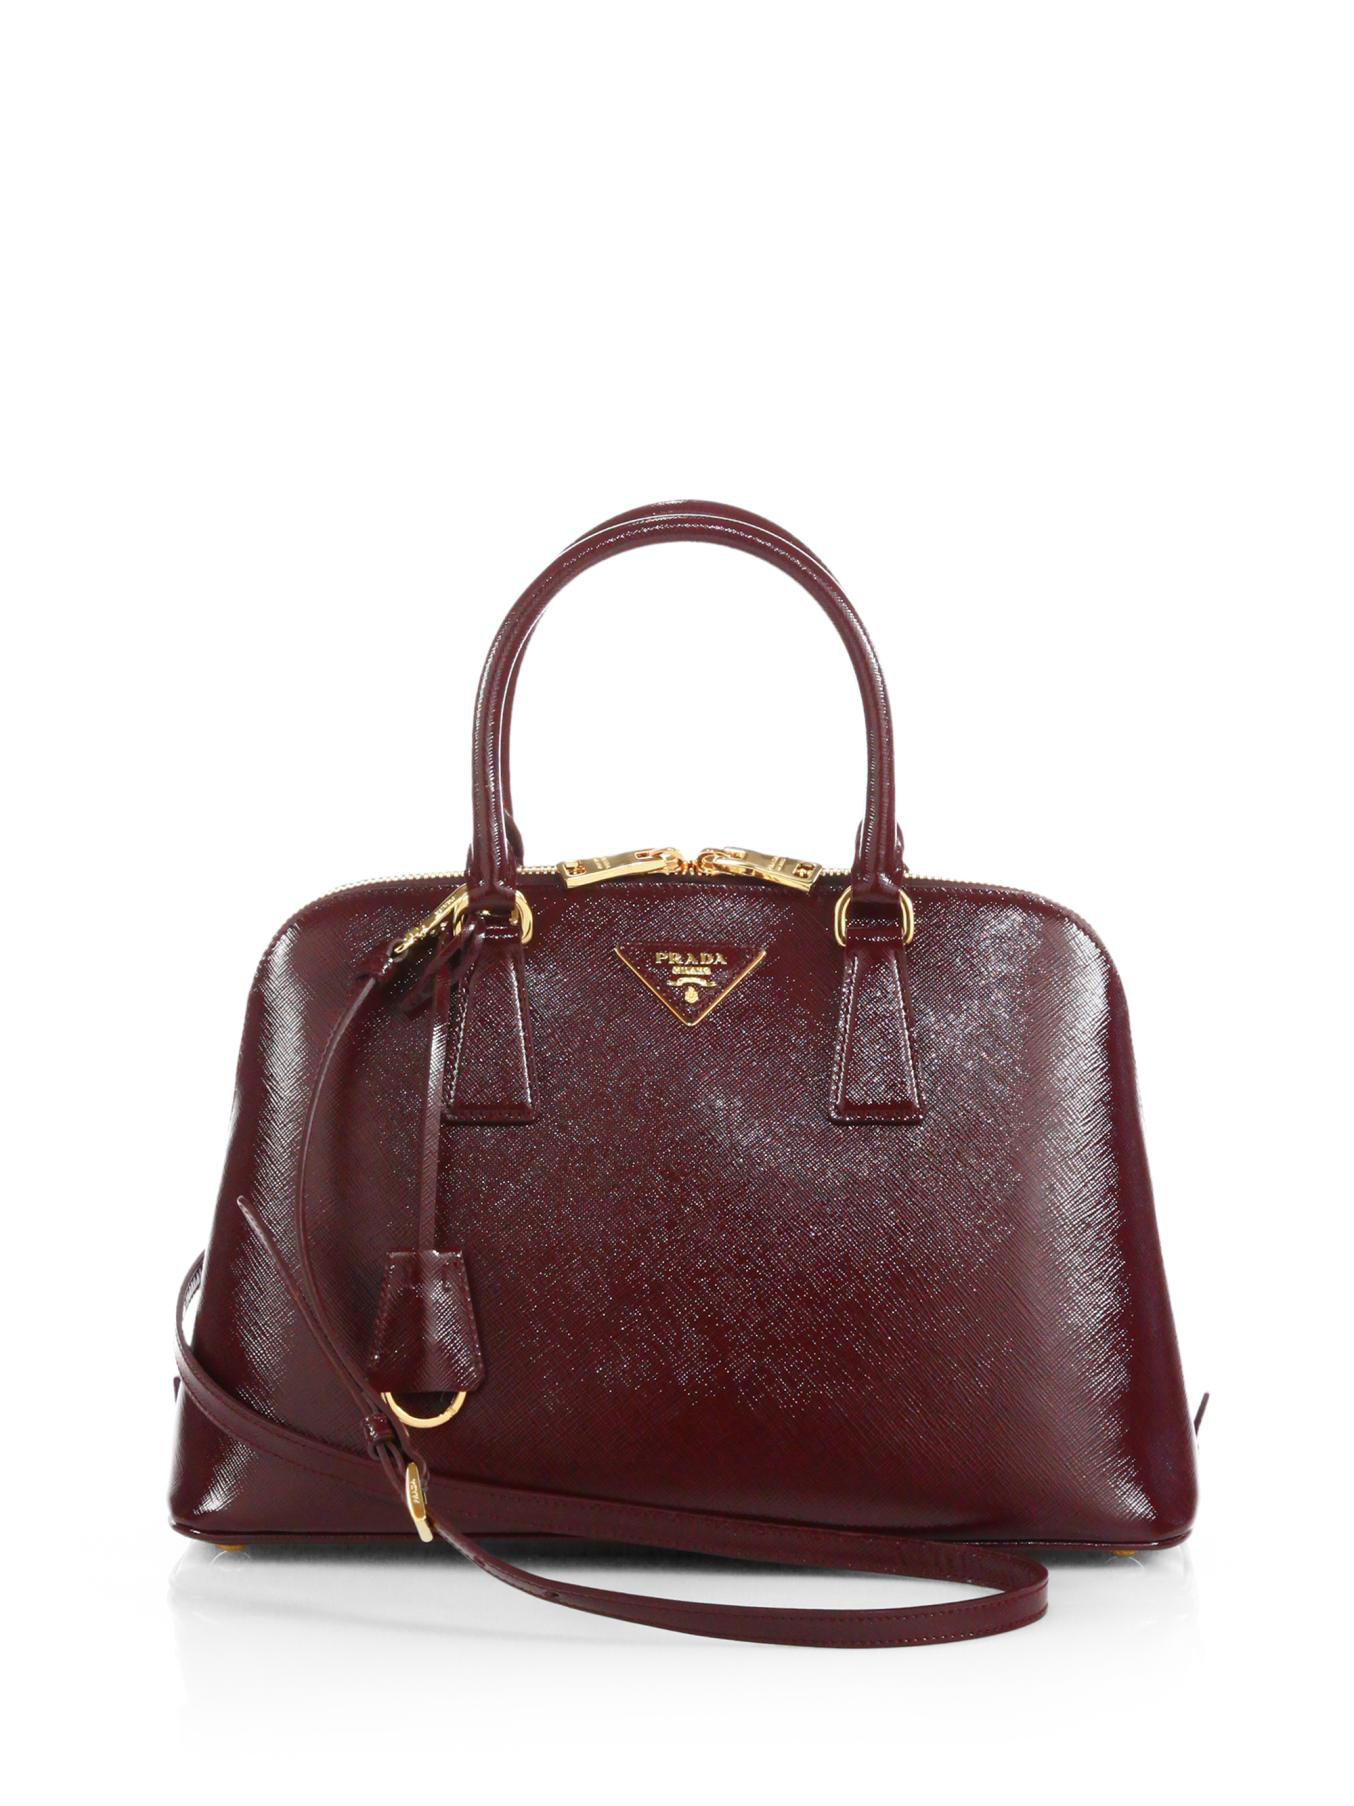 prada nylon tote bag black - Prada Saffiano Vernice Small Promenade Bag in Brown (GRANATO ...